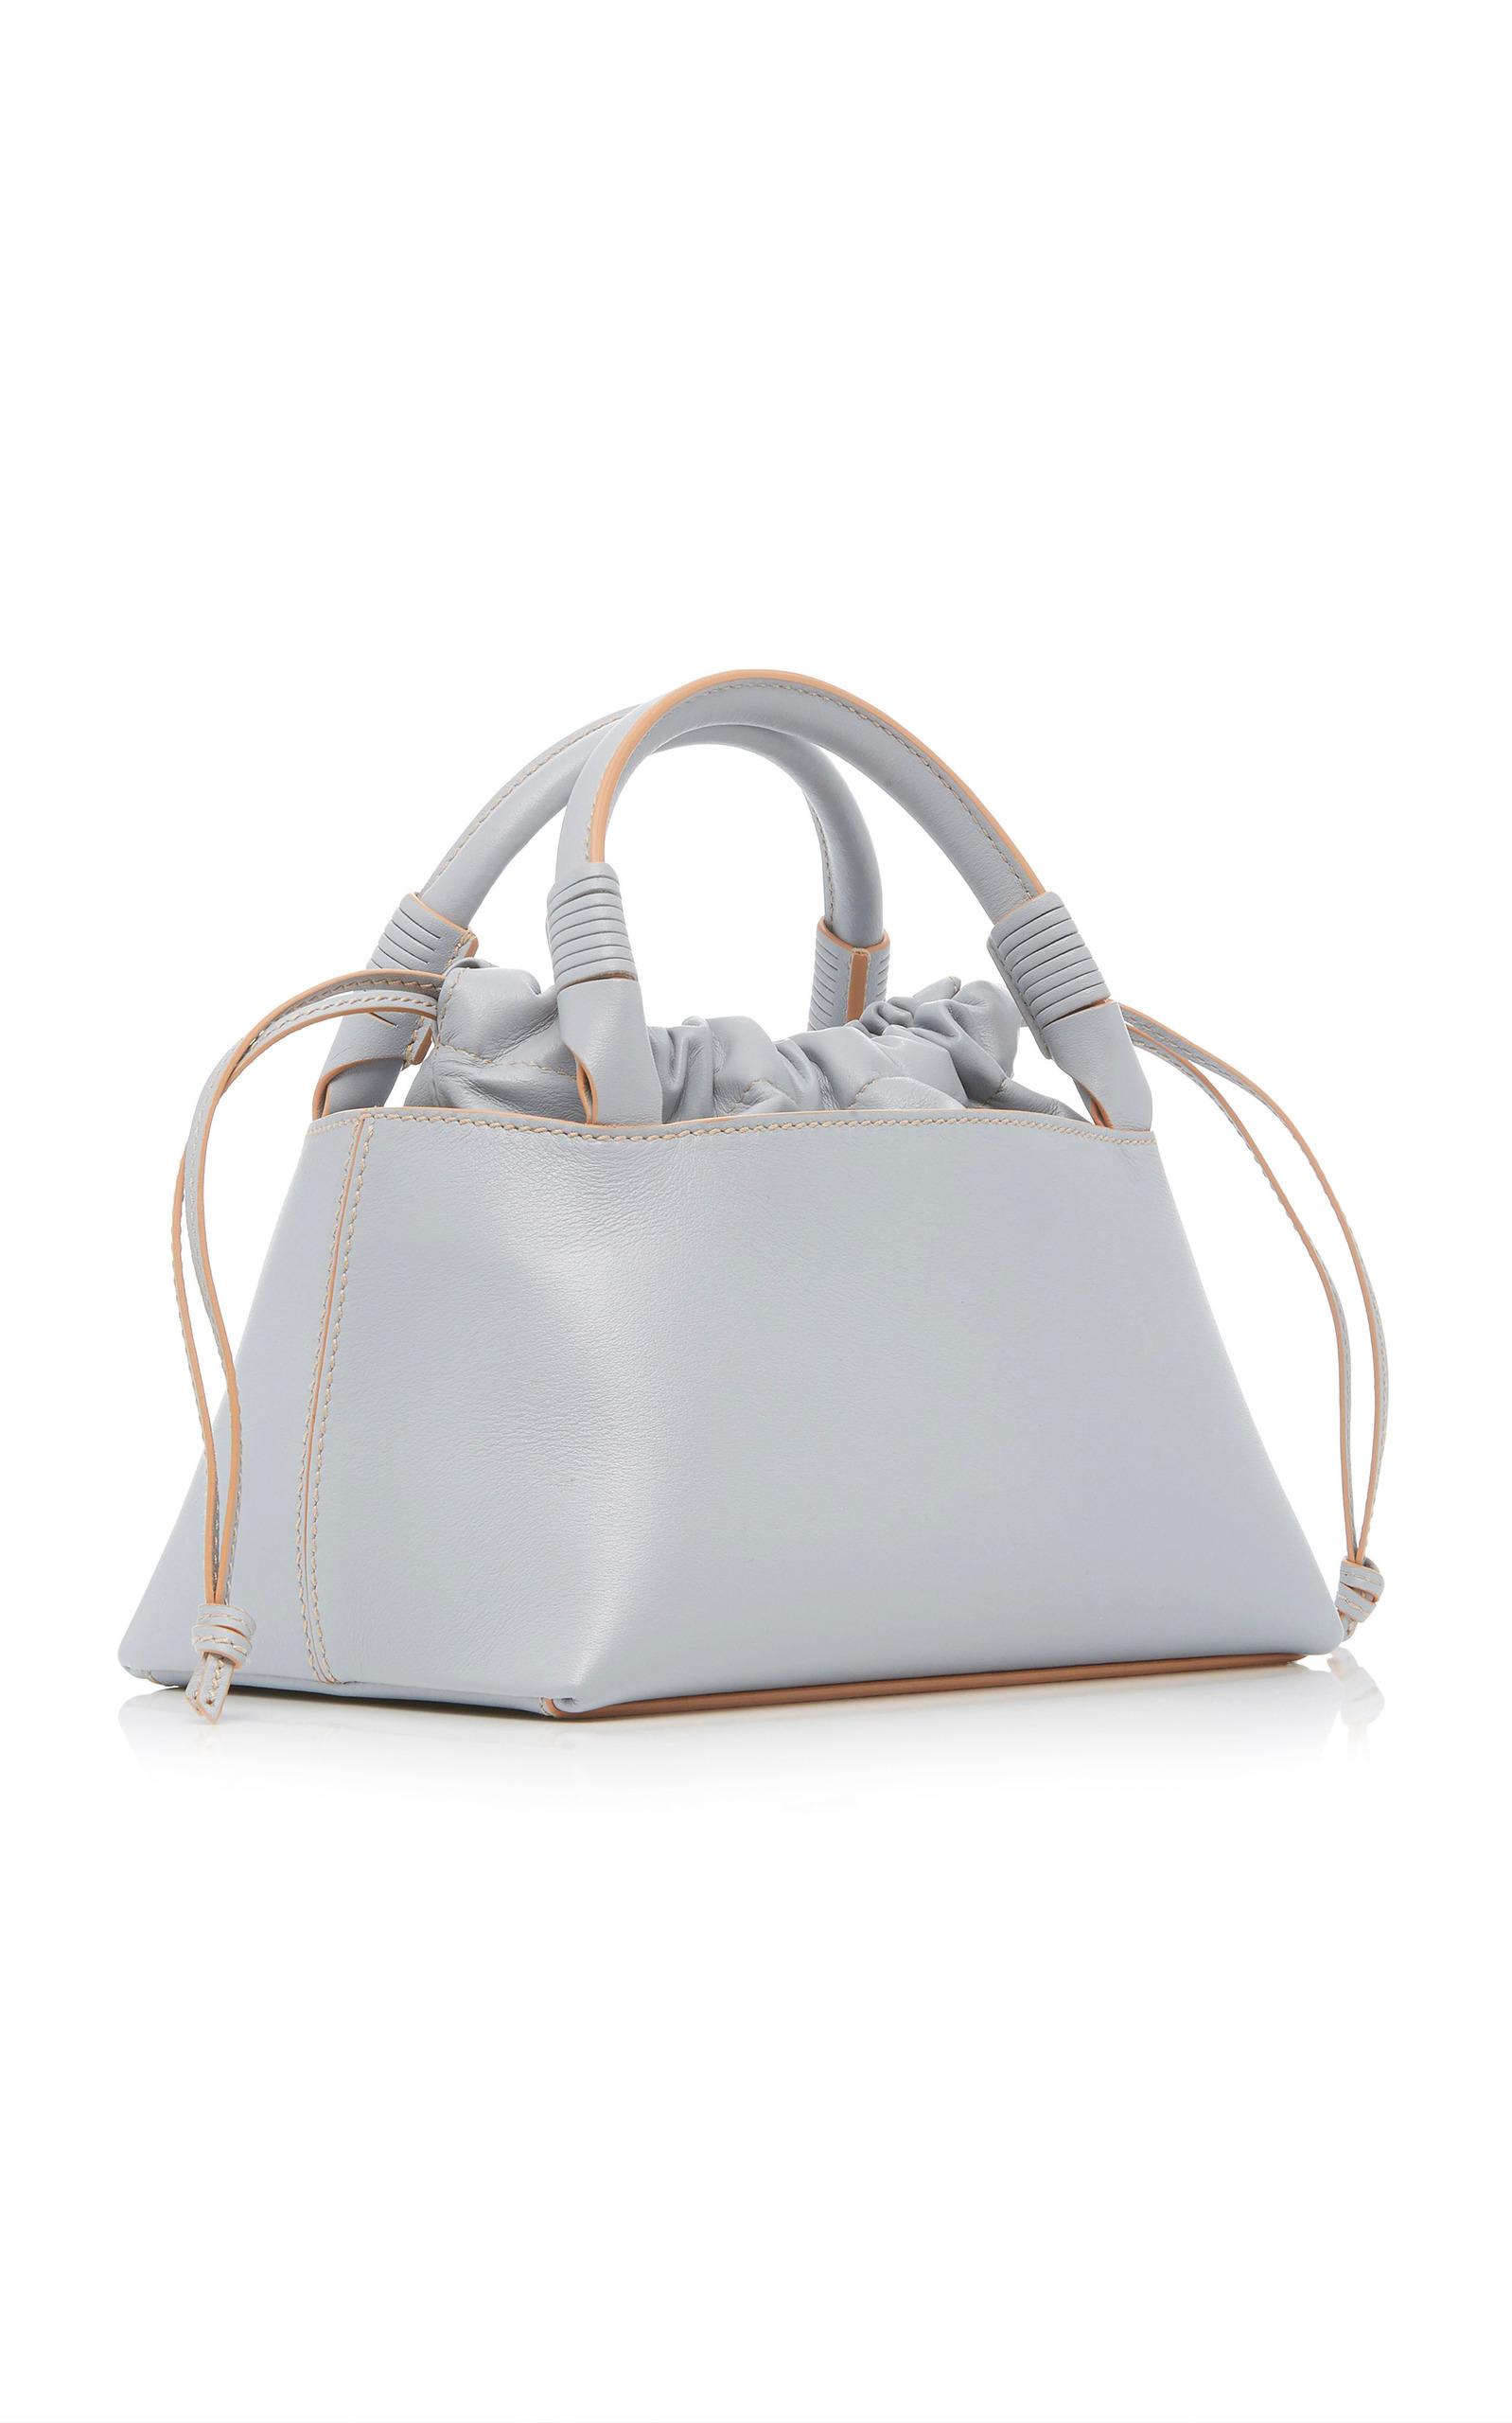 Carolina Santo Domingo Sirena Leather Bag 0S7OV